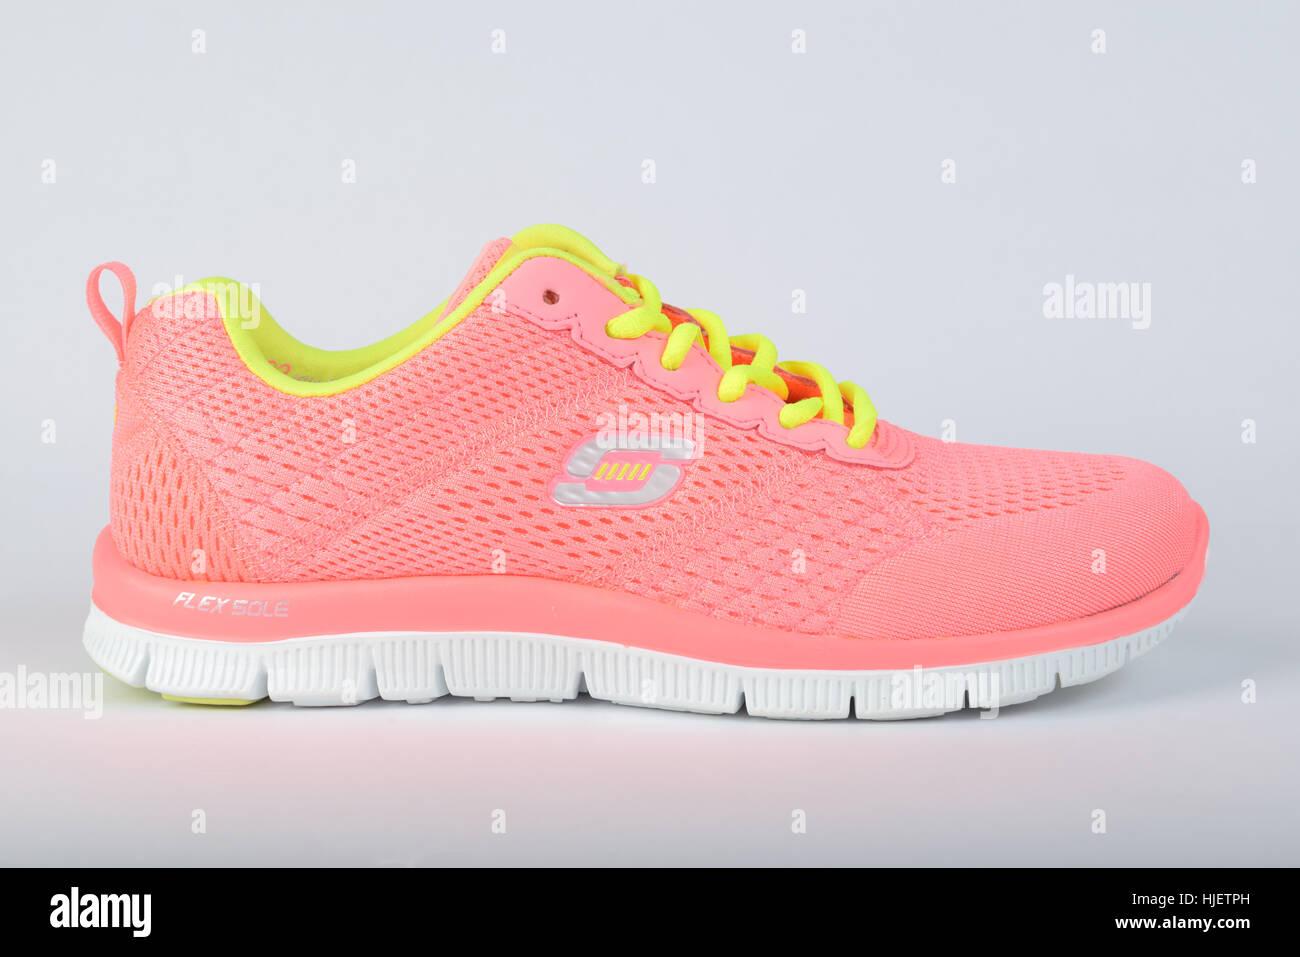 Birmingham Running Shoe Store